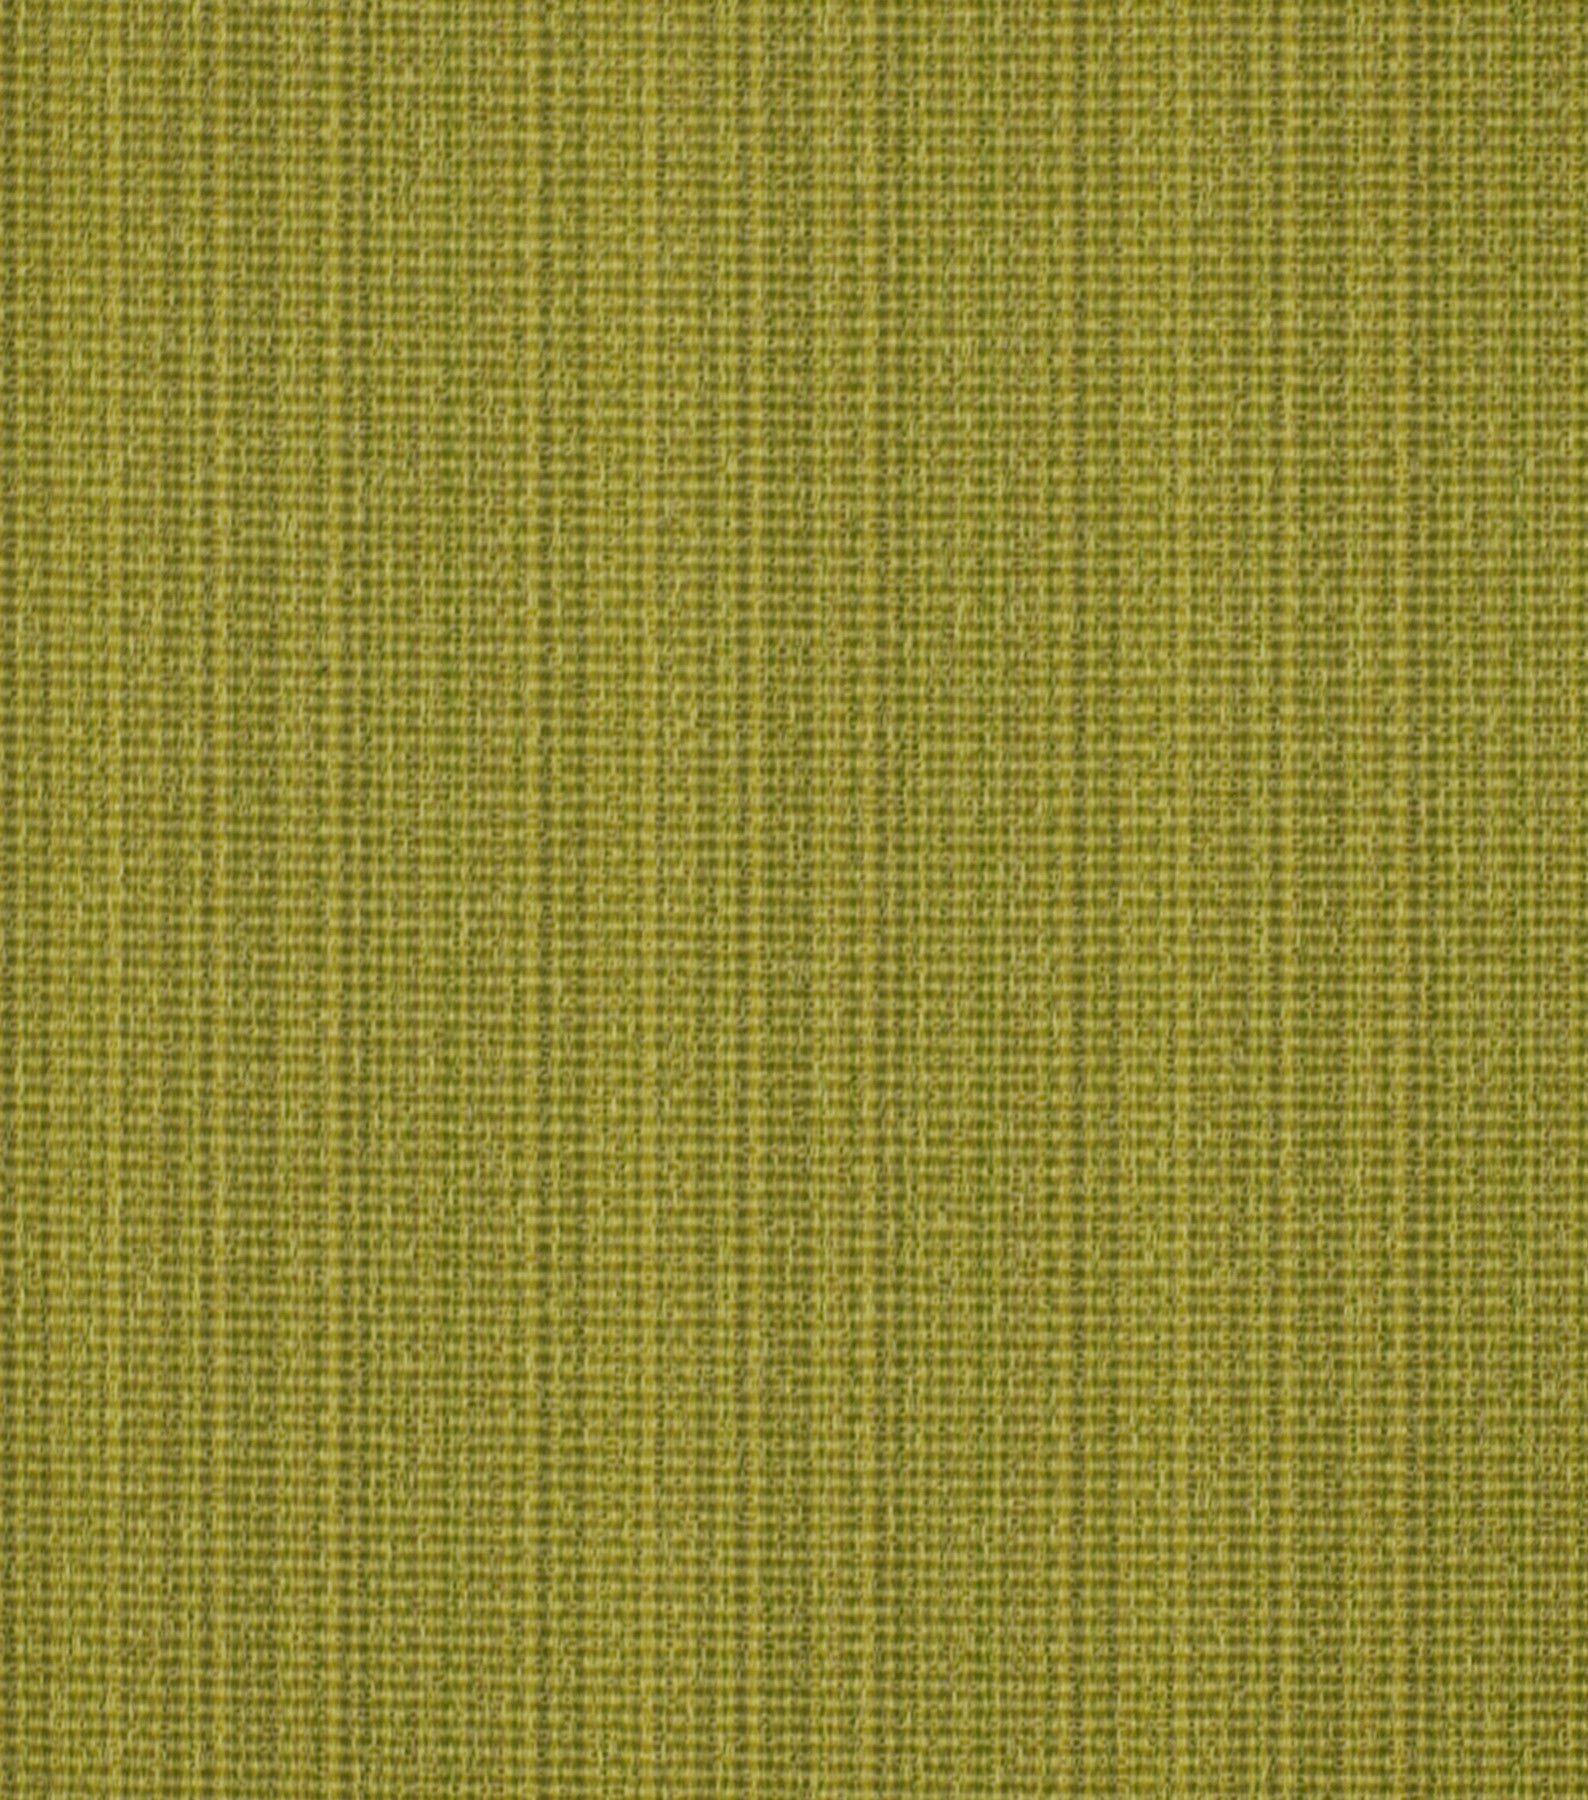 Robert Allen @ Home Upholstery Fabric-Run Along Kiwi